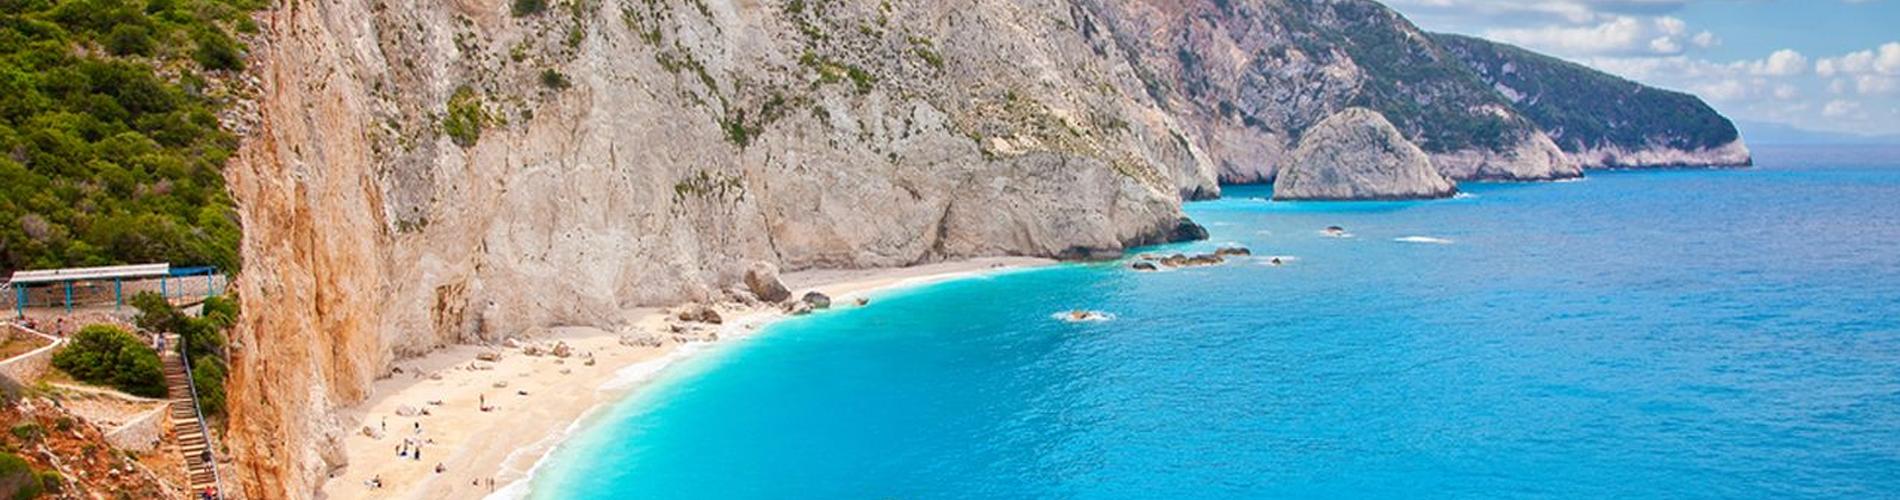 Willa-w-Grecji